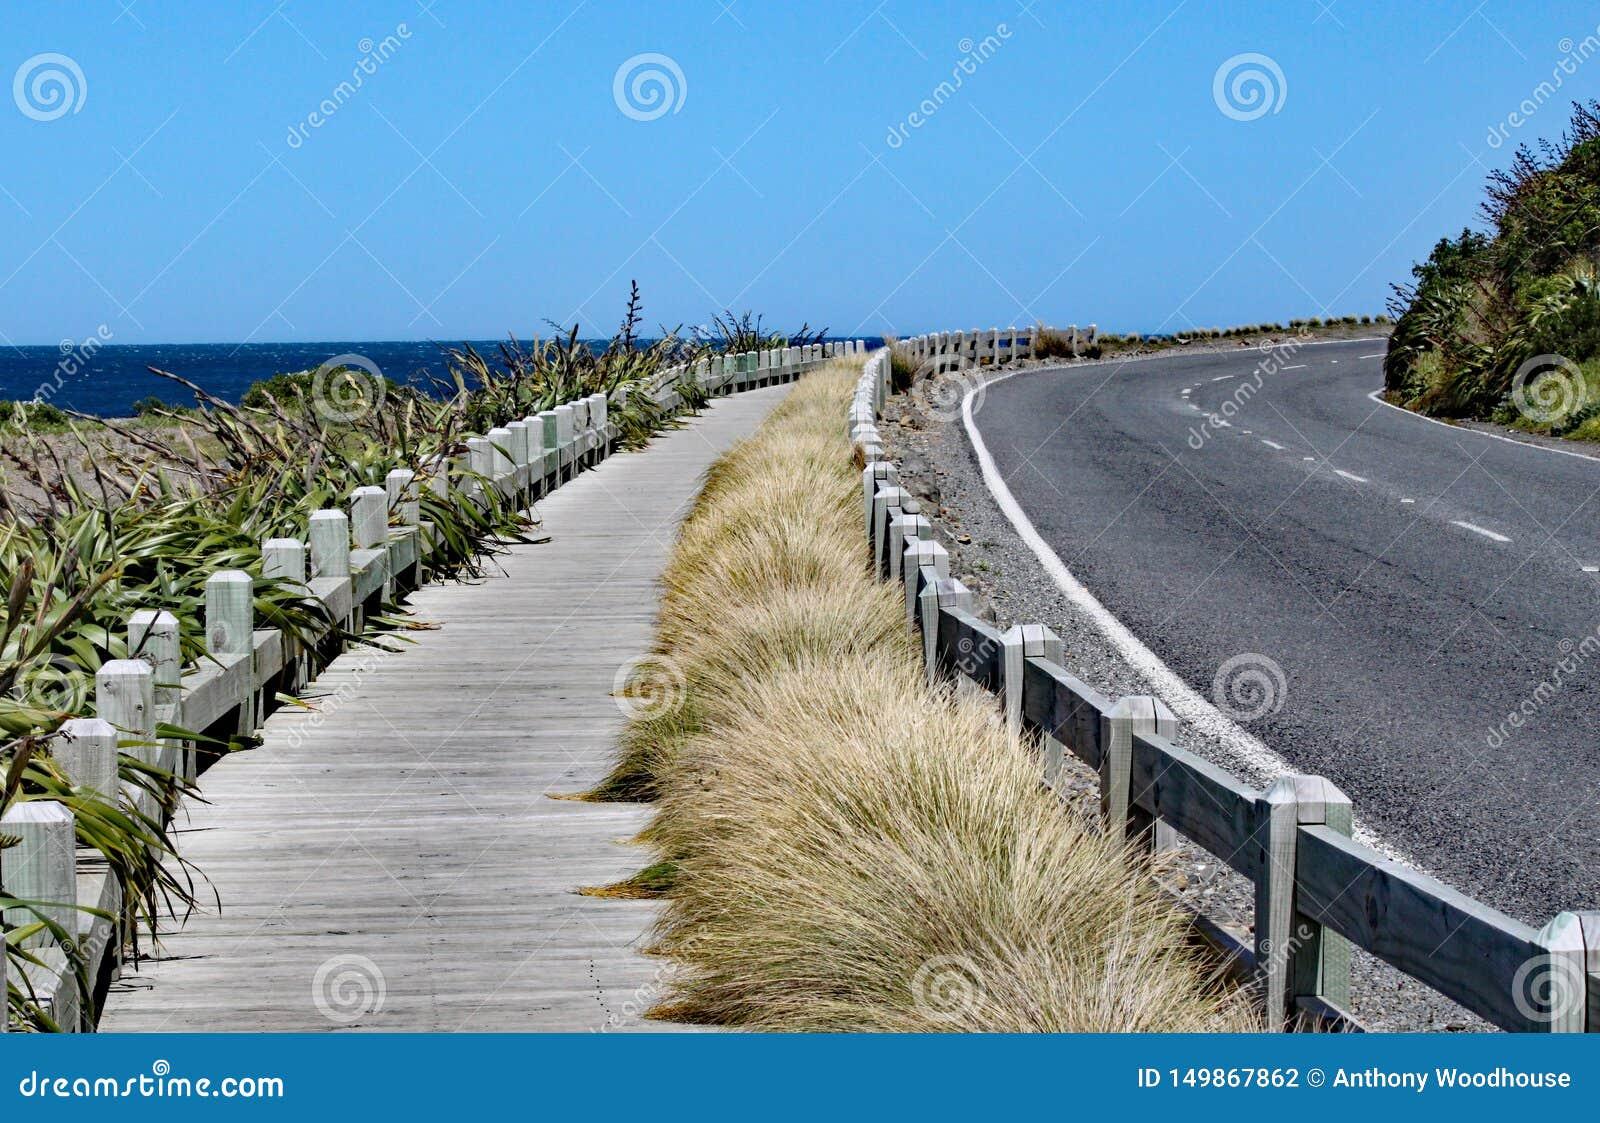 Ήρεμος και ειρηνικός δρόμος ακτών και ξύλινος θαλάσσιος περίπατος κοντά στον Ουέλλινγκτον, Νέα Ζηλανδία